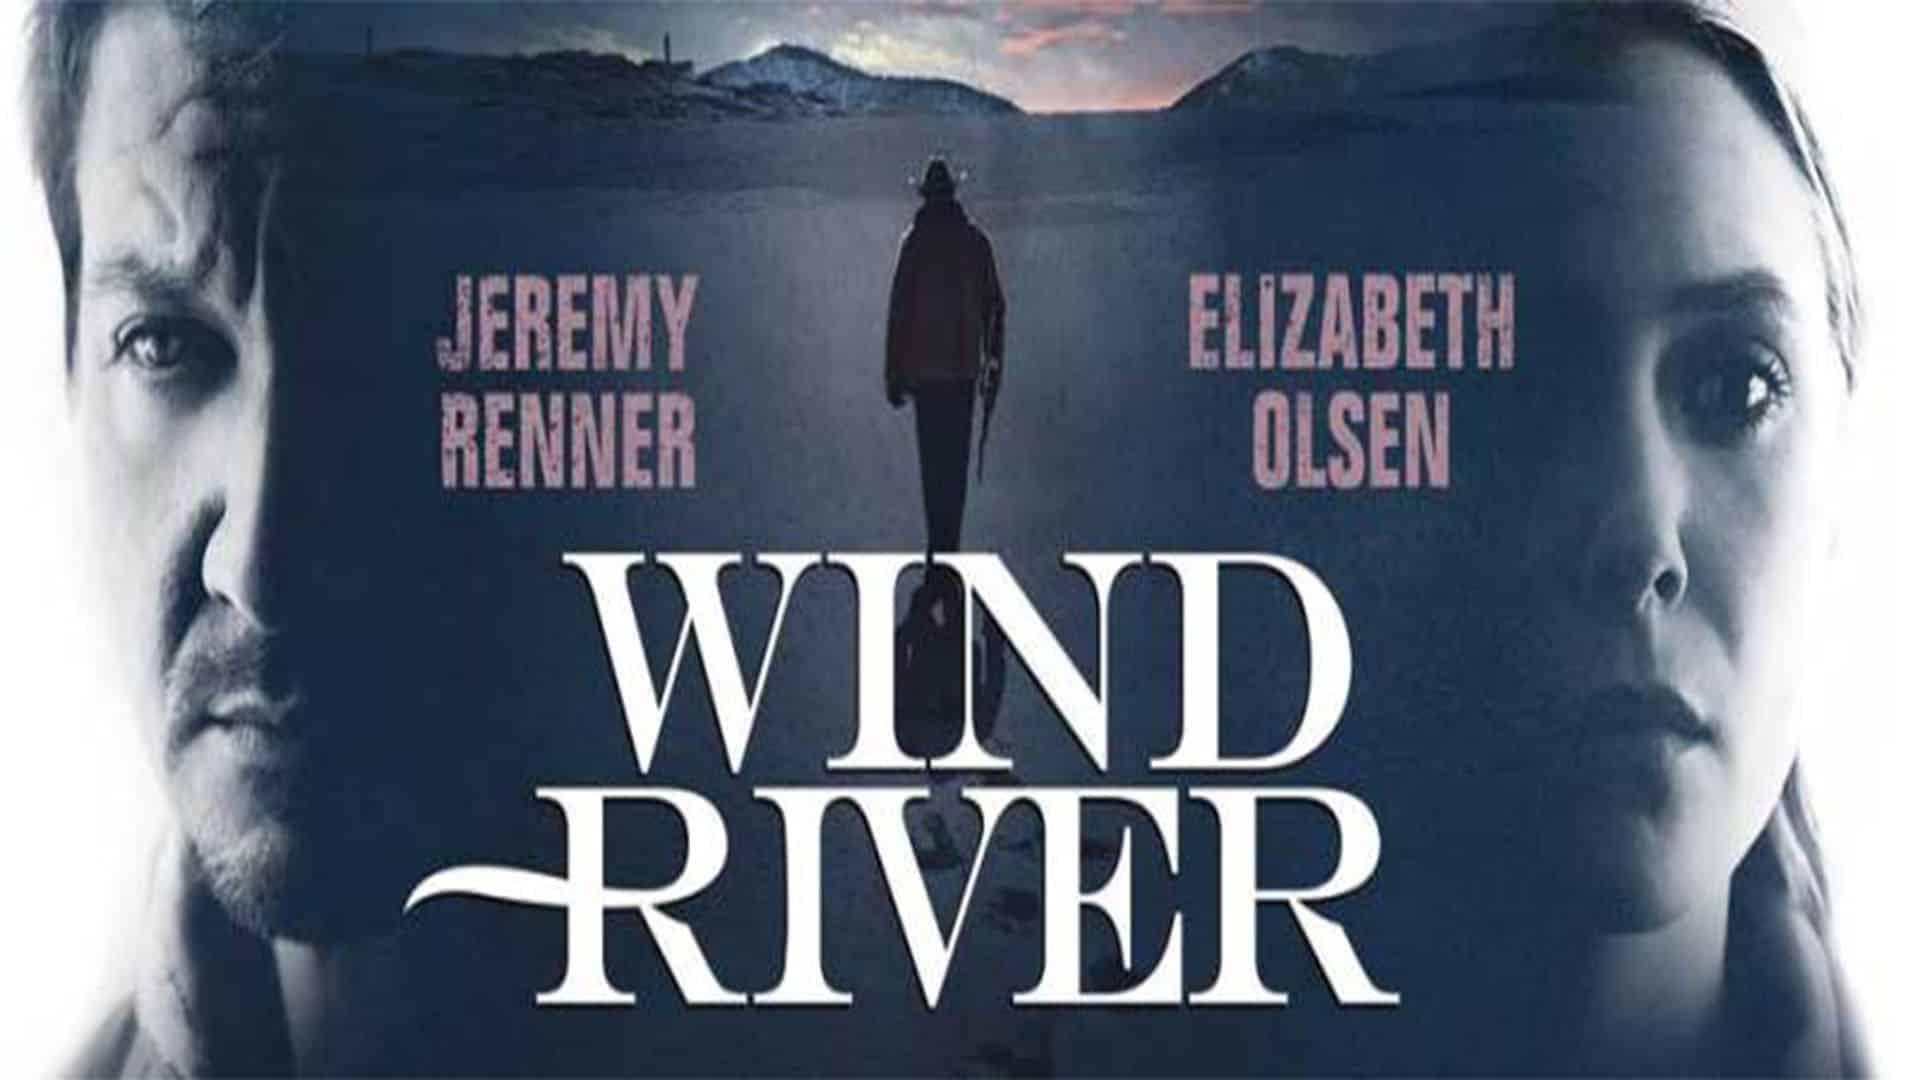 Crimine giustizia e media - I Segreti di Wind River film - blog Biondino della Spider Rossa - ProsMedia - Agenzia Corte&Media